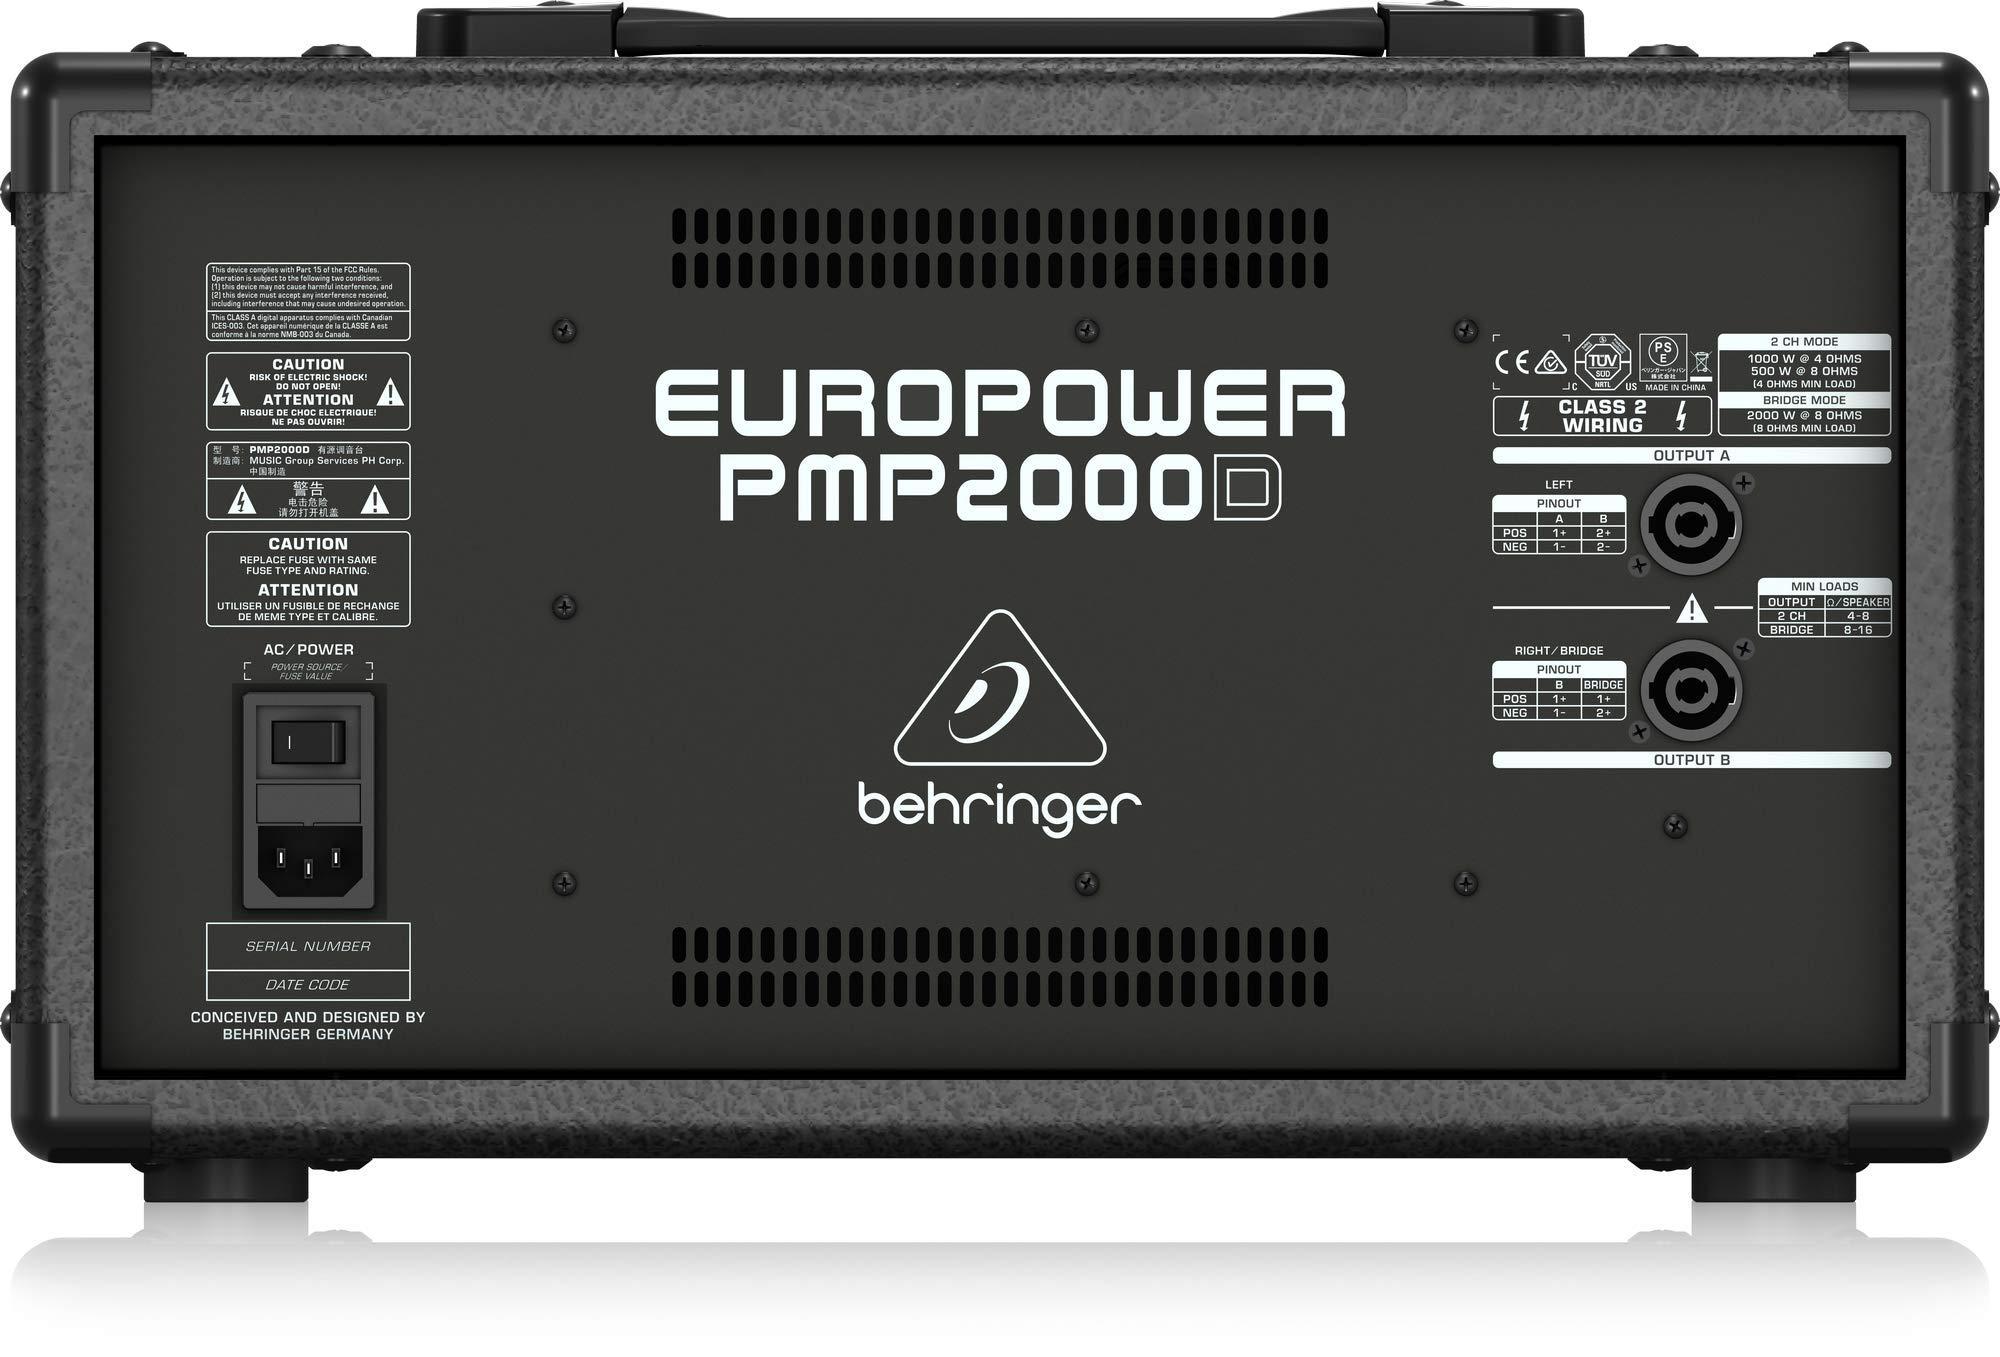 Behringer Europower PMP2000D mixer